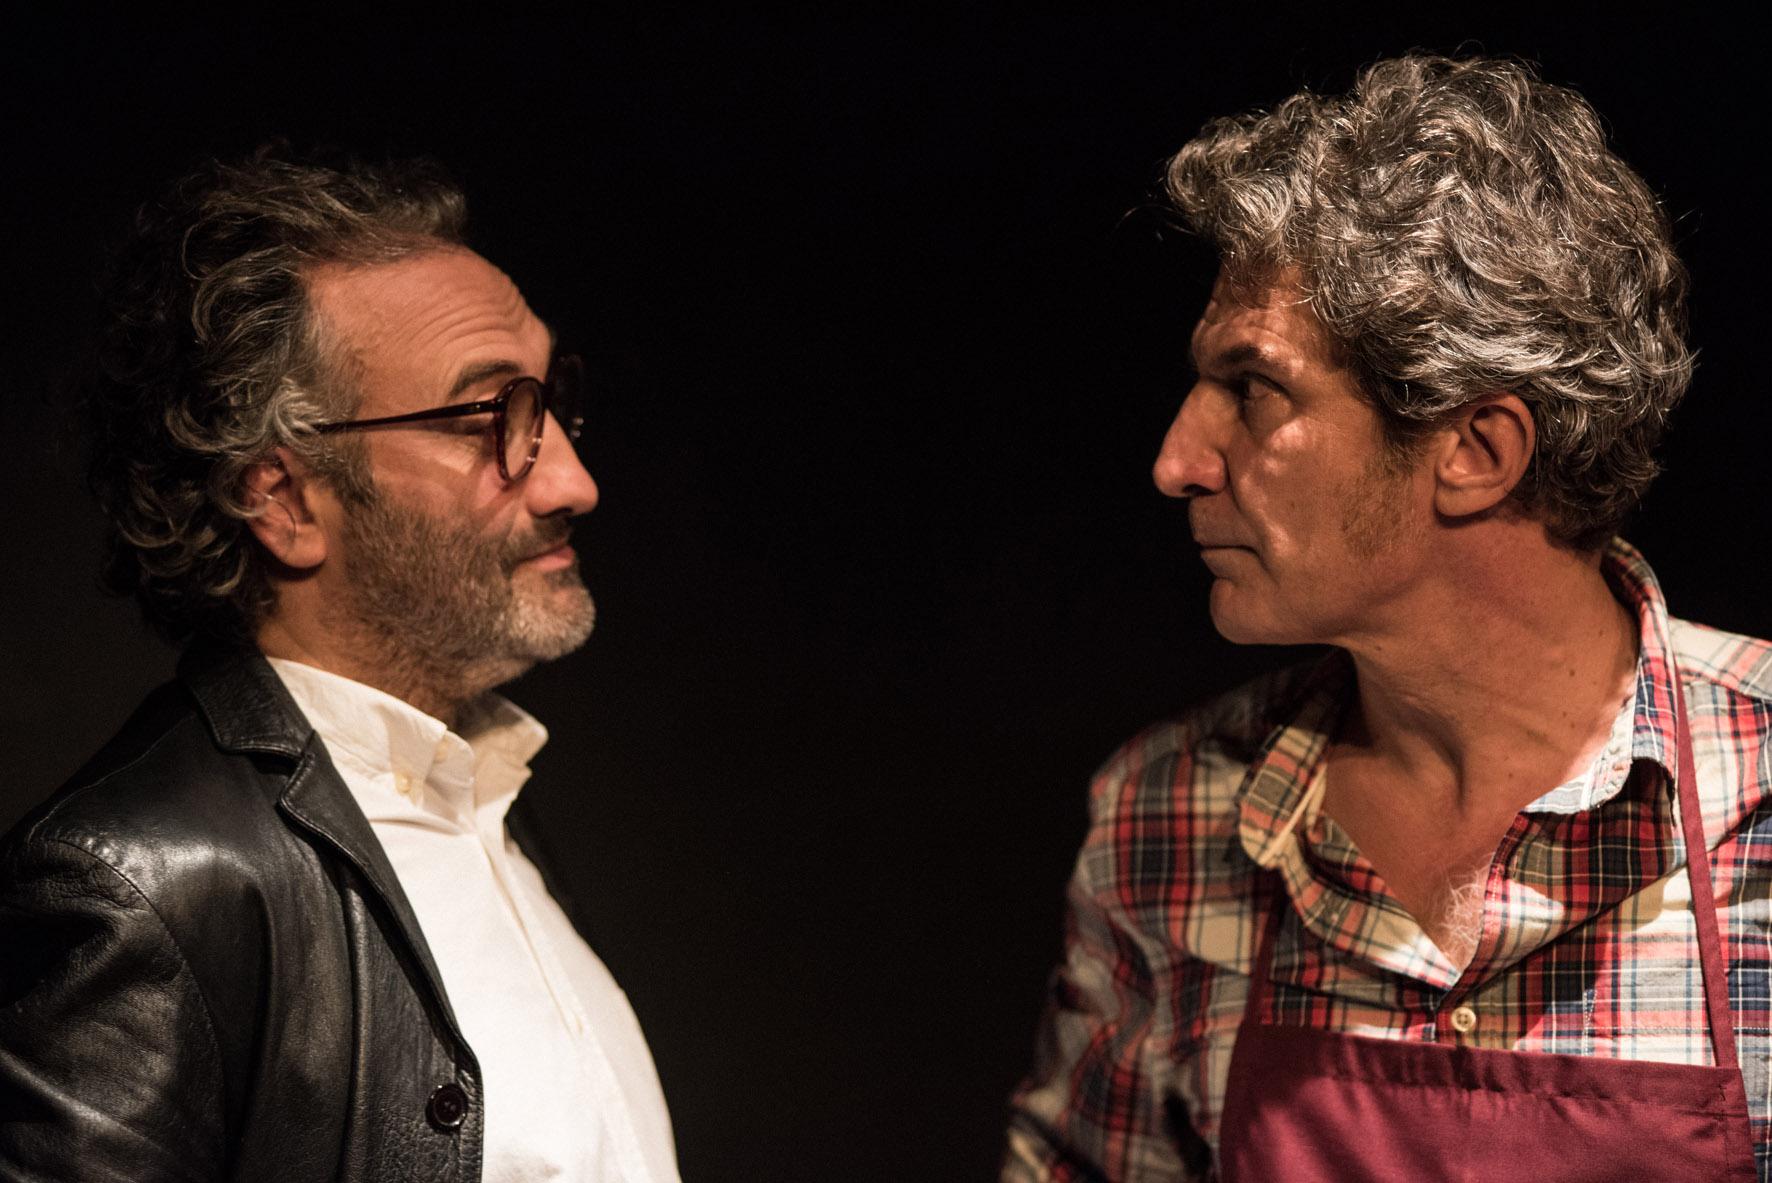 Per la festa del 30ennale di Sala Assoli, arrivano due graditissimi ospiti: Tony Laudadio e Andrea Renzi saranno i protagonisti di Birre e rivelazioni dal 20 al 25 ottobre. Birre […]